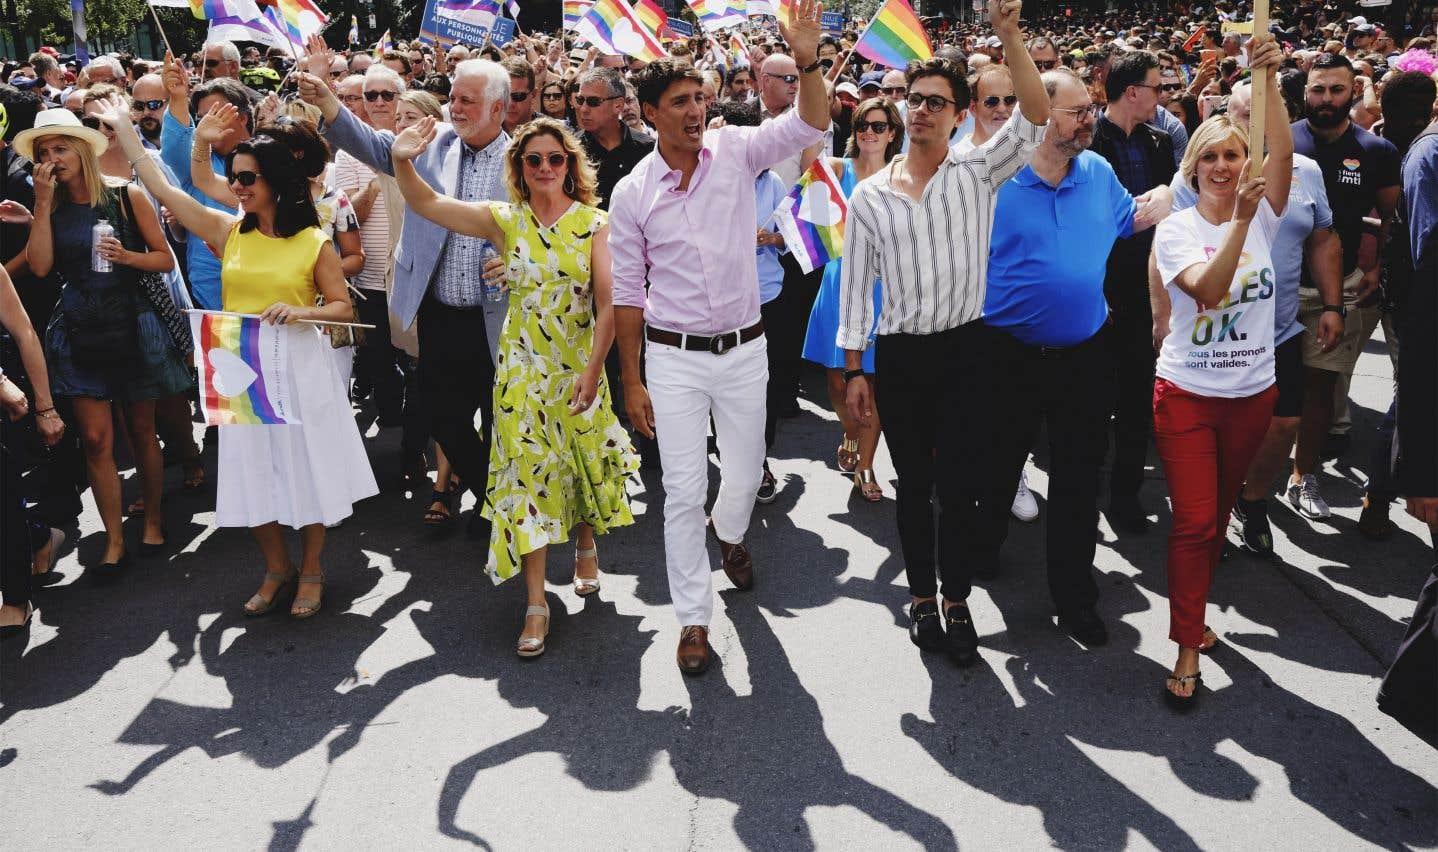 Les premiers ministres Justin Trudeau et Philippe Couillard étaient présents à l'événement, avec presque tous les autres chefs de partis.